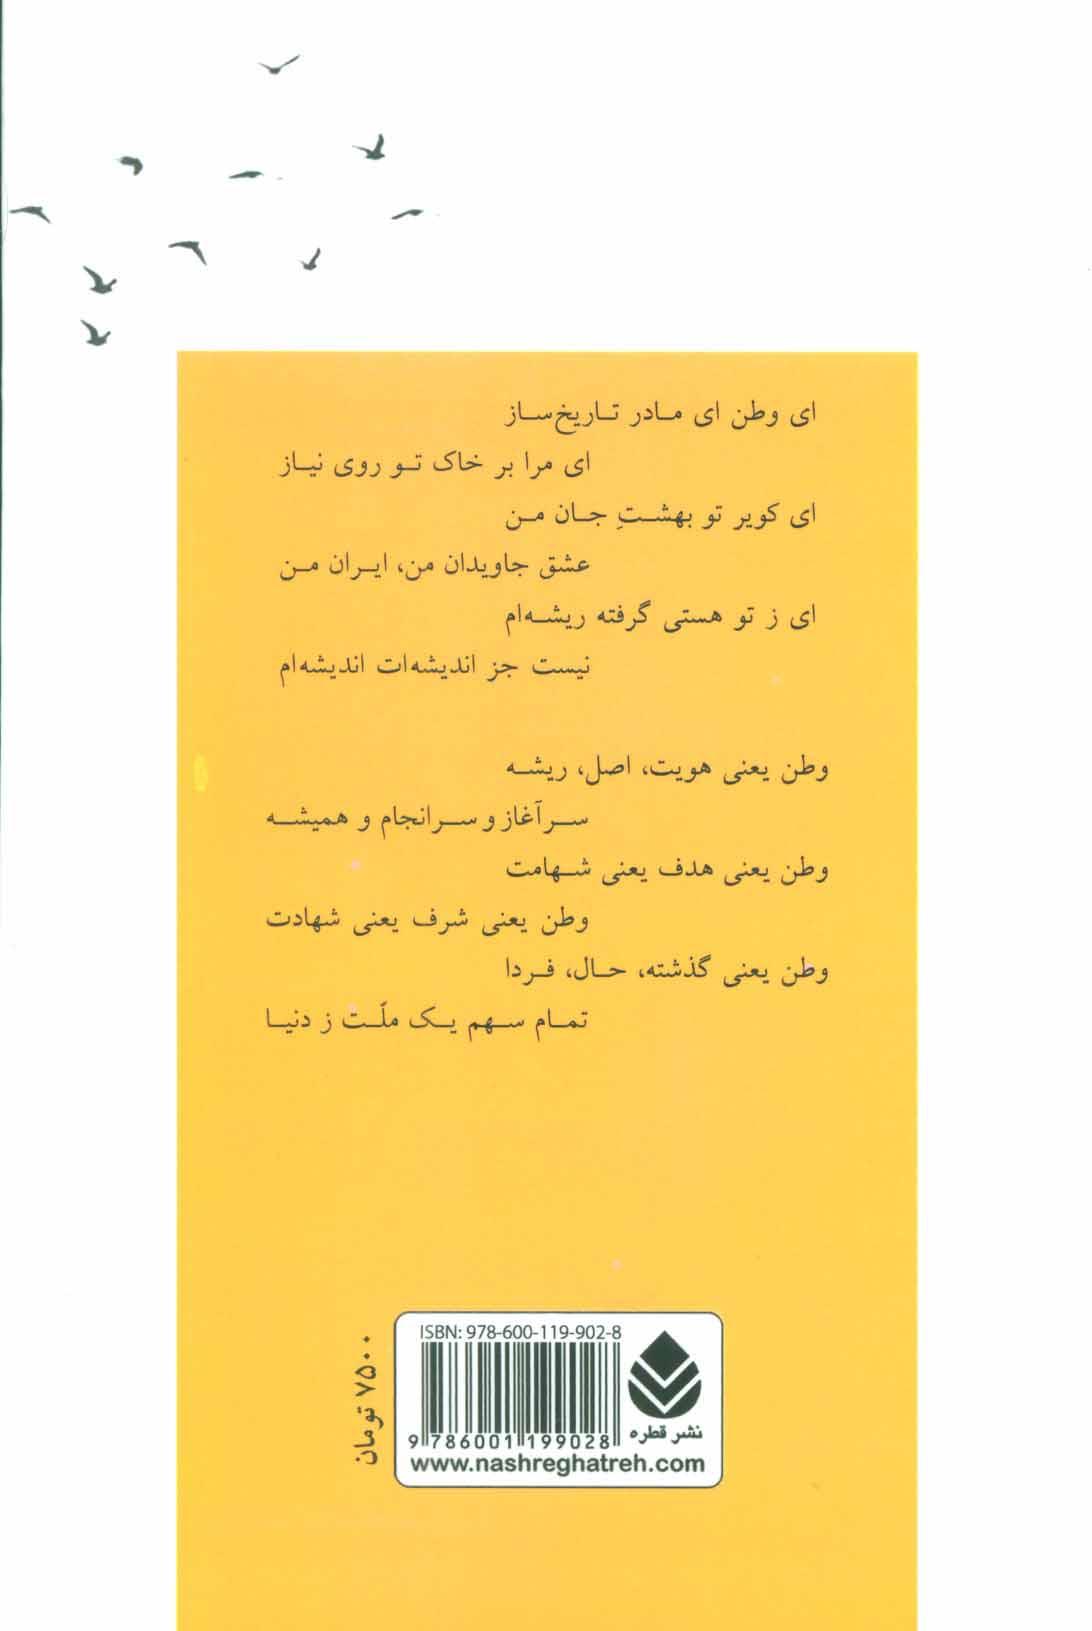 کوروش کبیر:نگاهی نمایشی دراماتیک به تاریخ و زندگی اساطیری کوروش کبیر-آذرخش… (نمایش نامه)